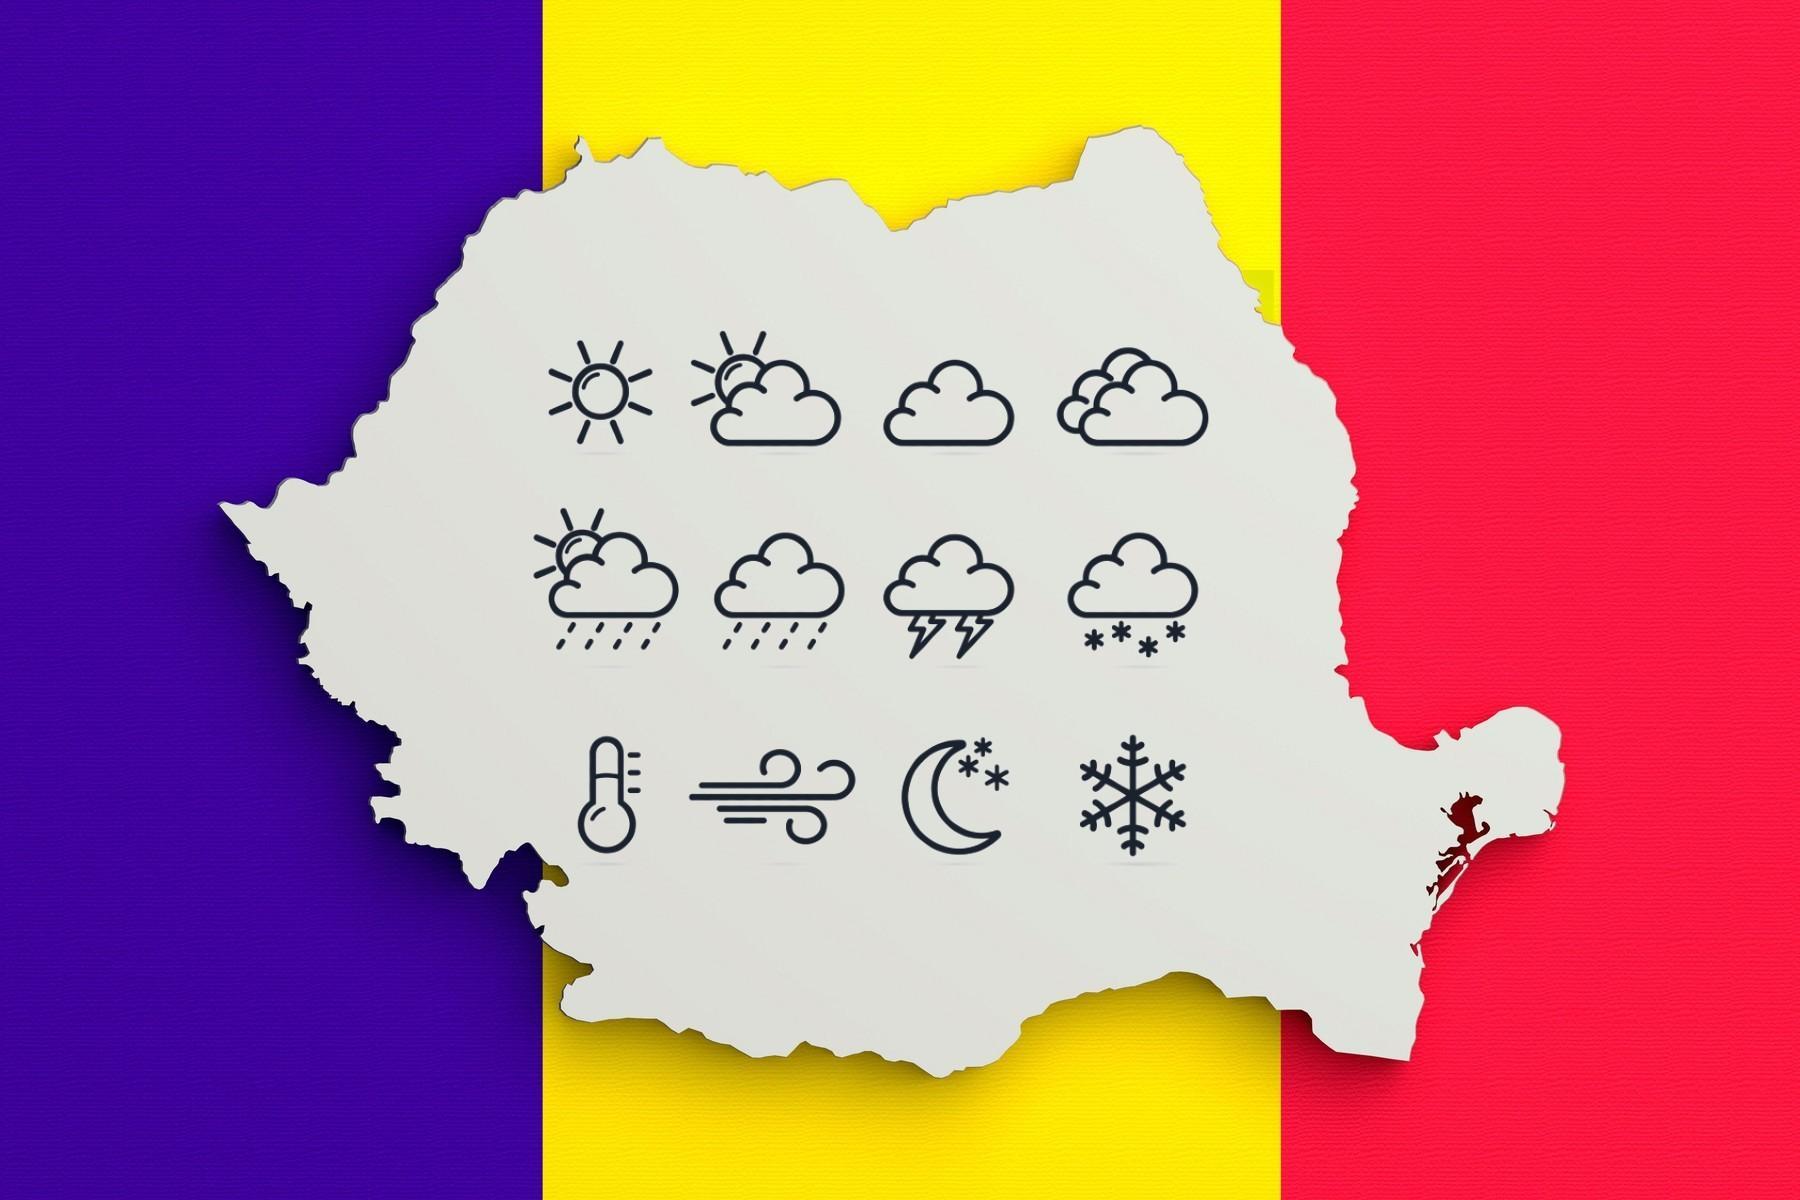 Prognoza meteo 25 noiembrie 2020. Cum e vremea în România și care sunt previziunile ANM pentru astăzi